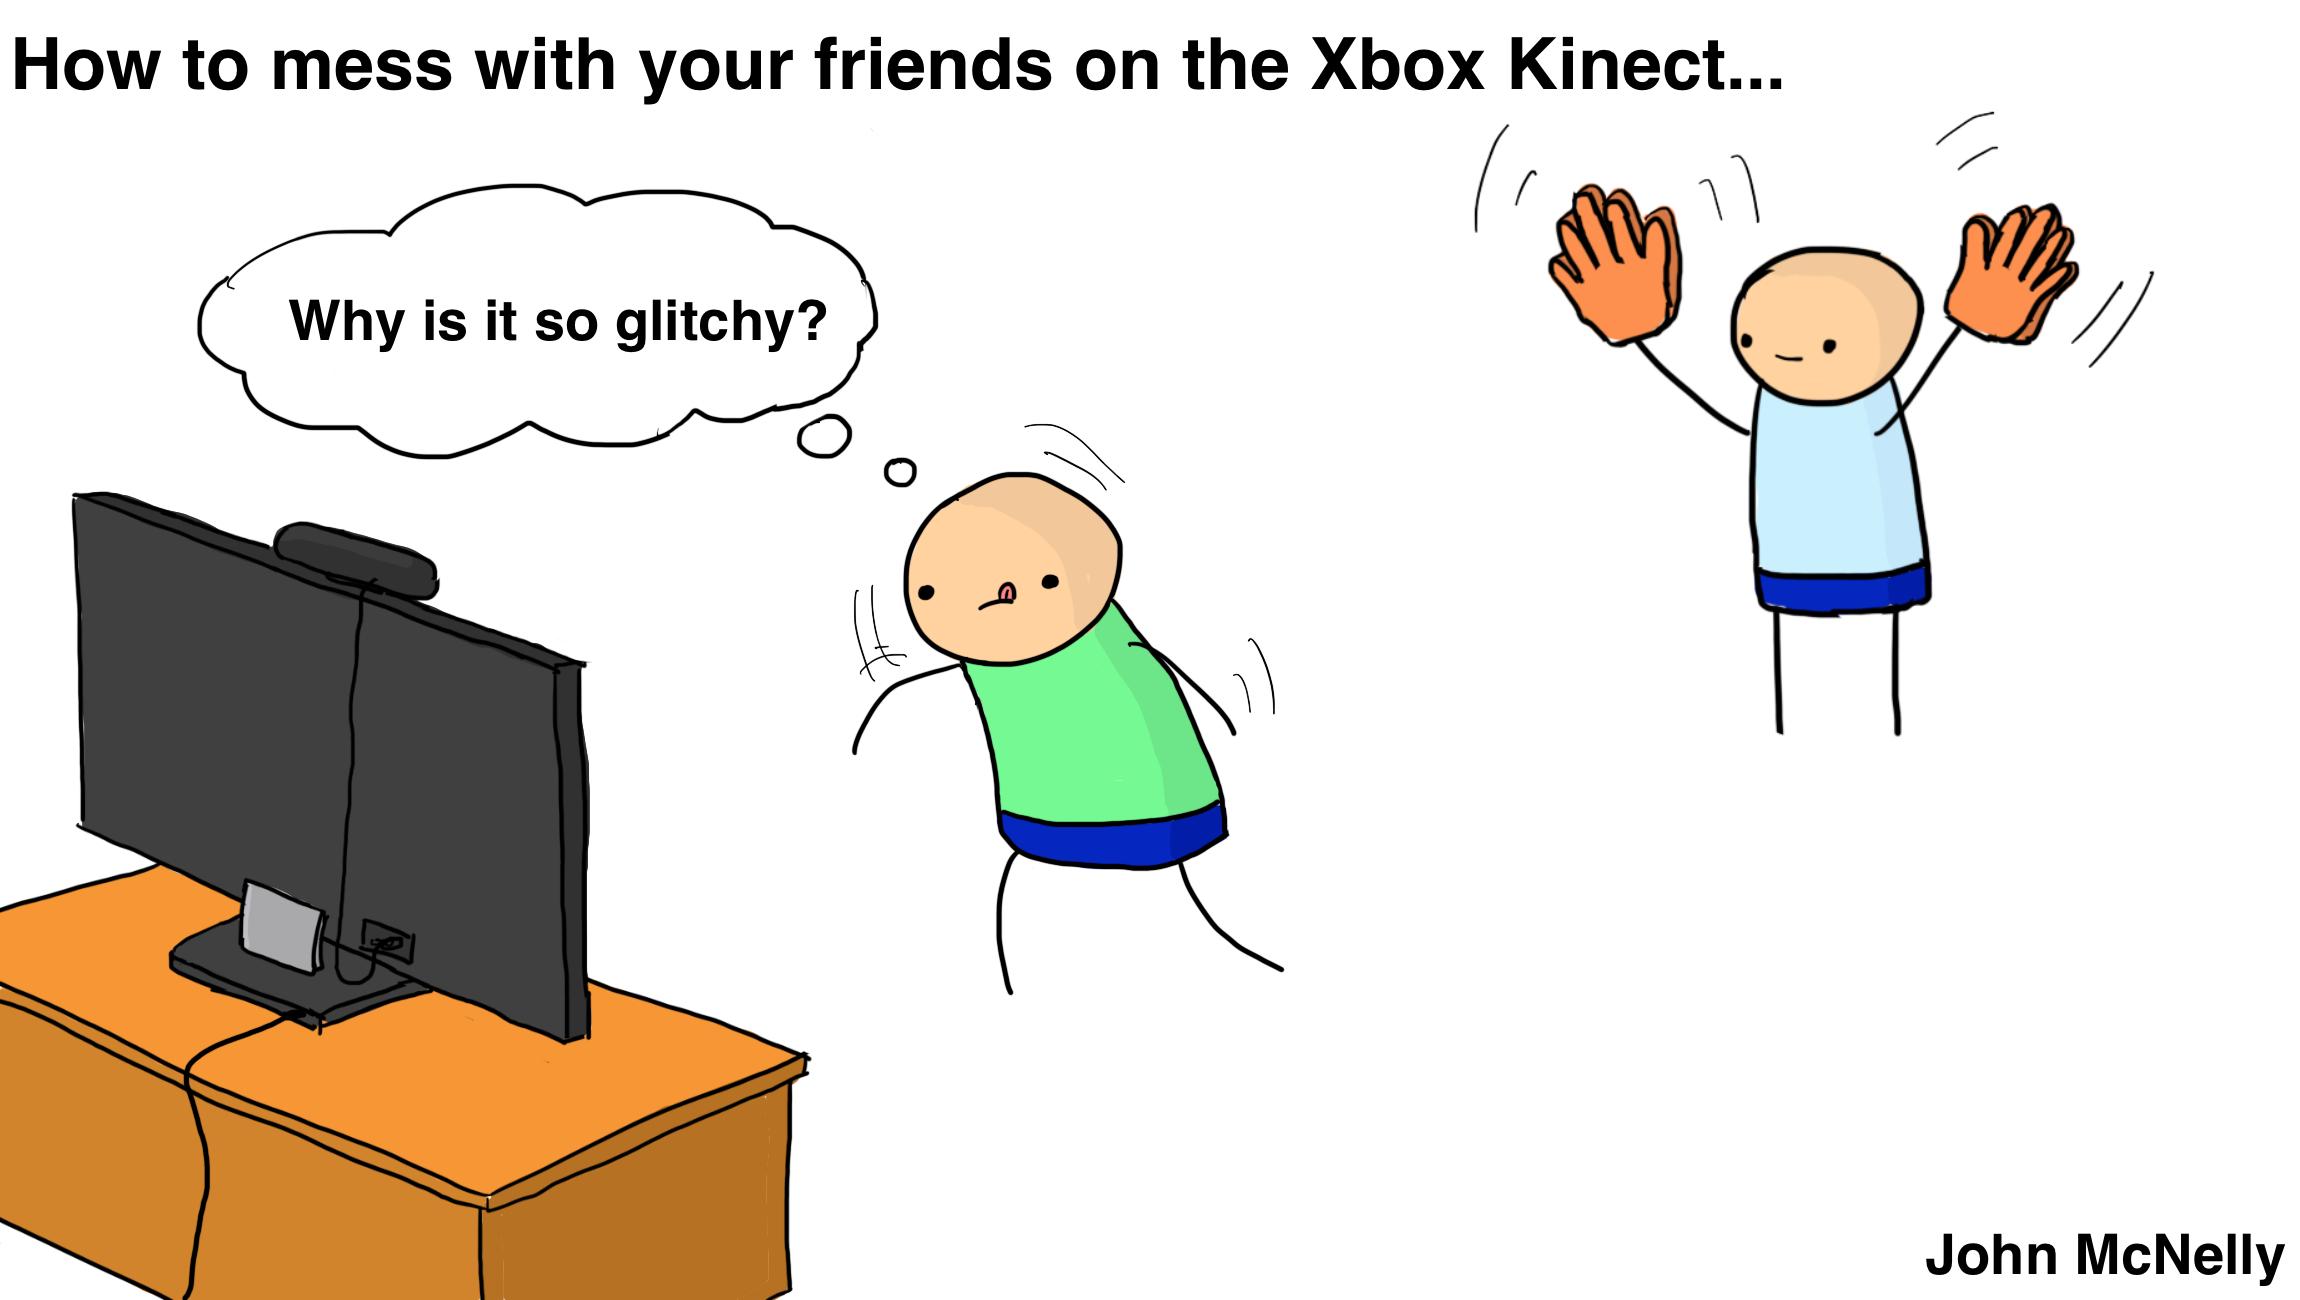 Xbox Kinect Pranks